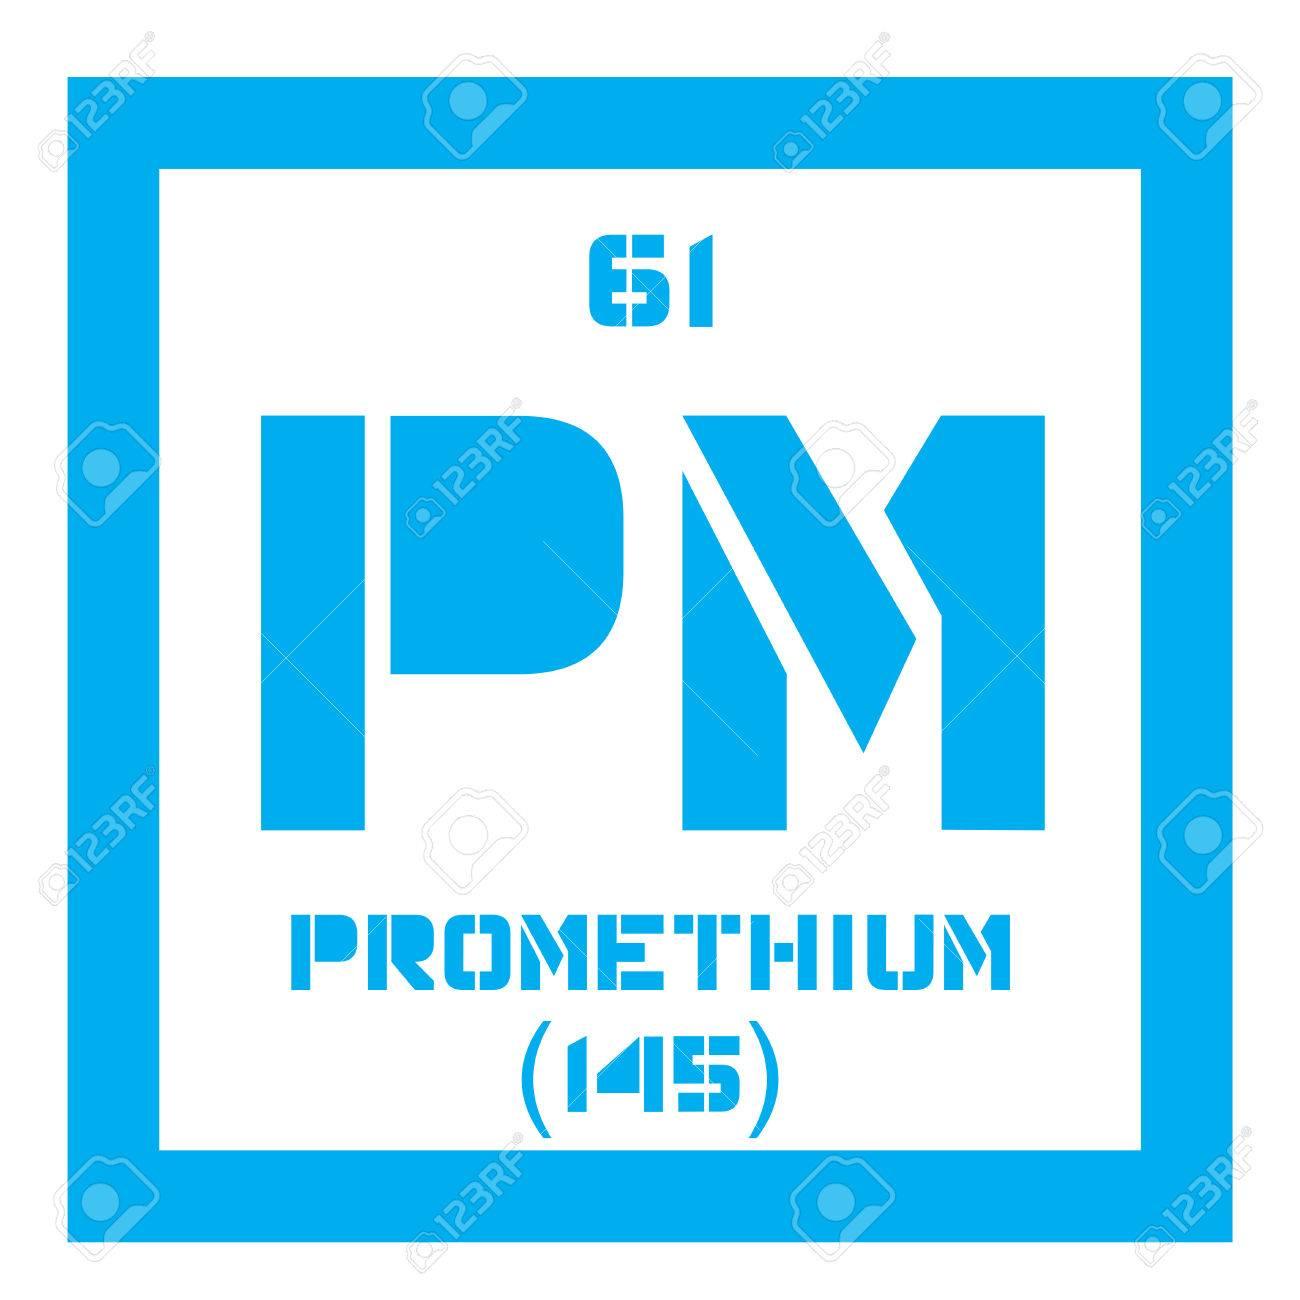 Promethium chemical element radioactive element colored icon promethium chemical element radioactive element colored icon with atomic number and atomic weight urtaz Choice Image